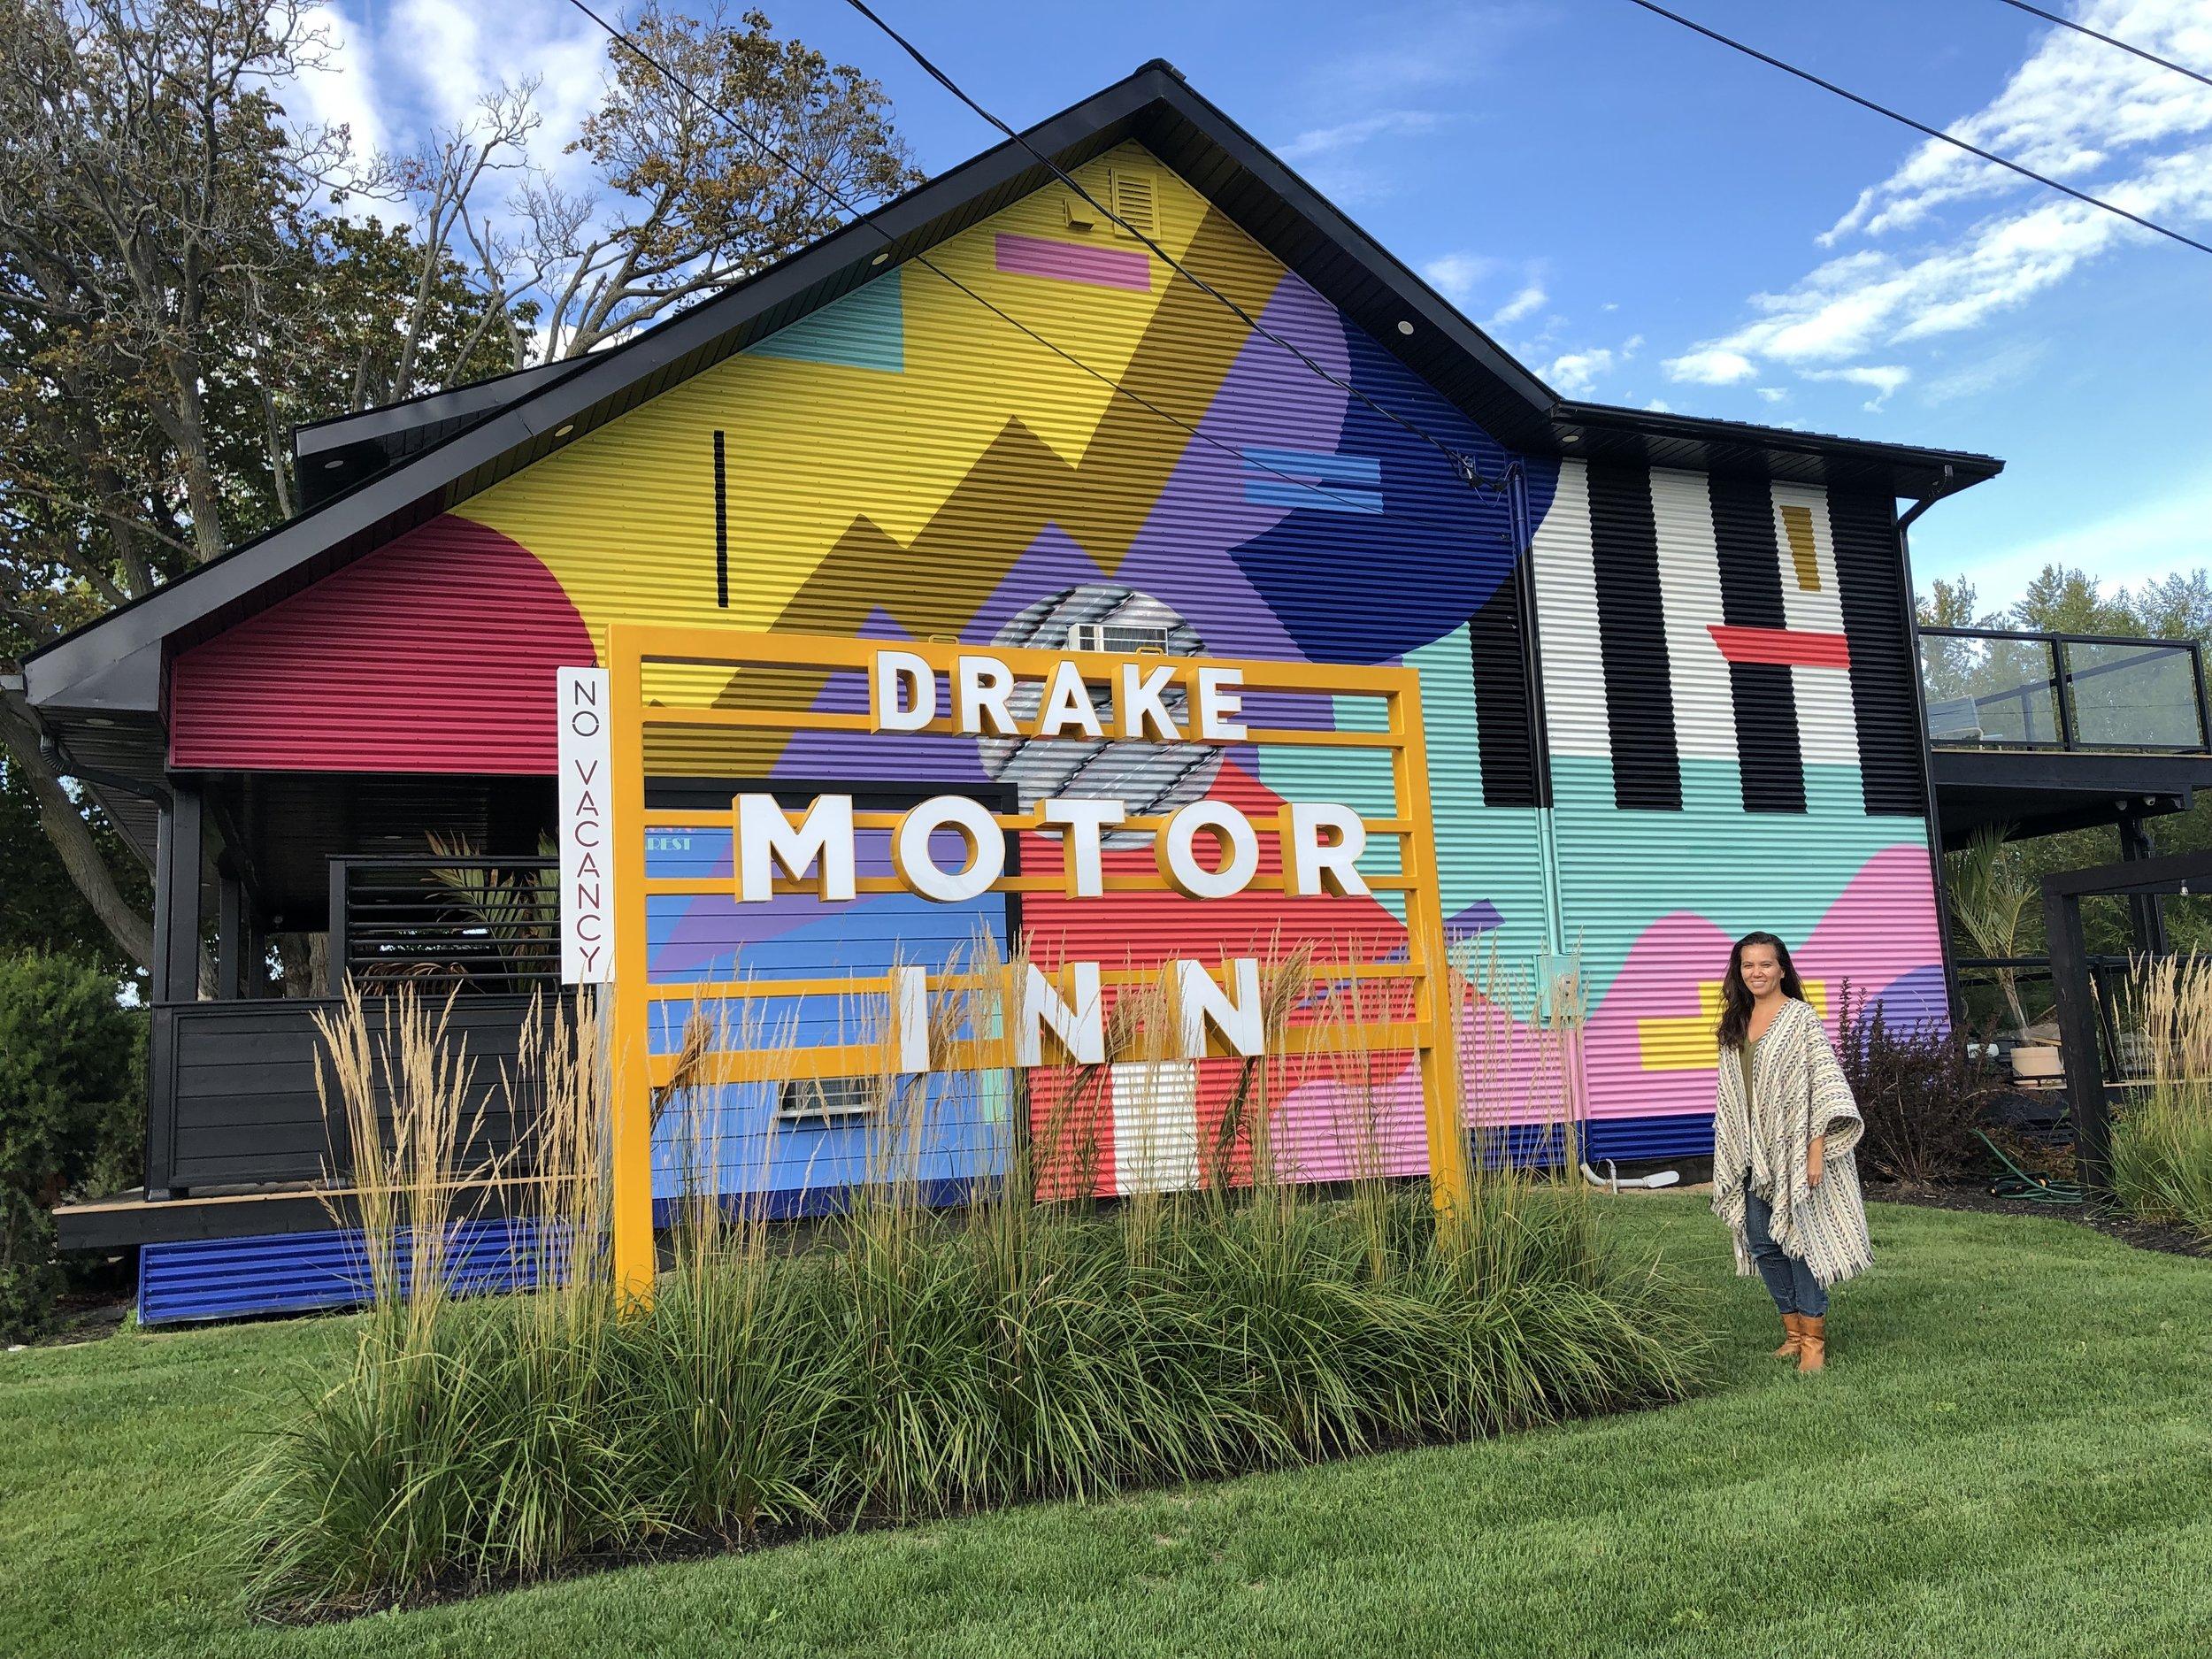 Drake Motor Inn, Wellington, Ontario